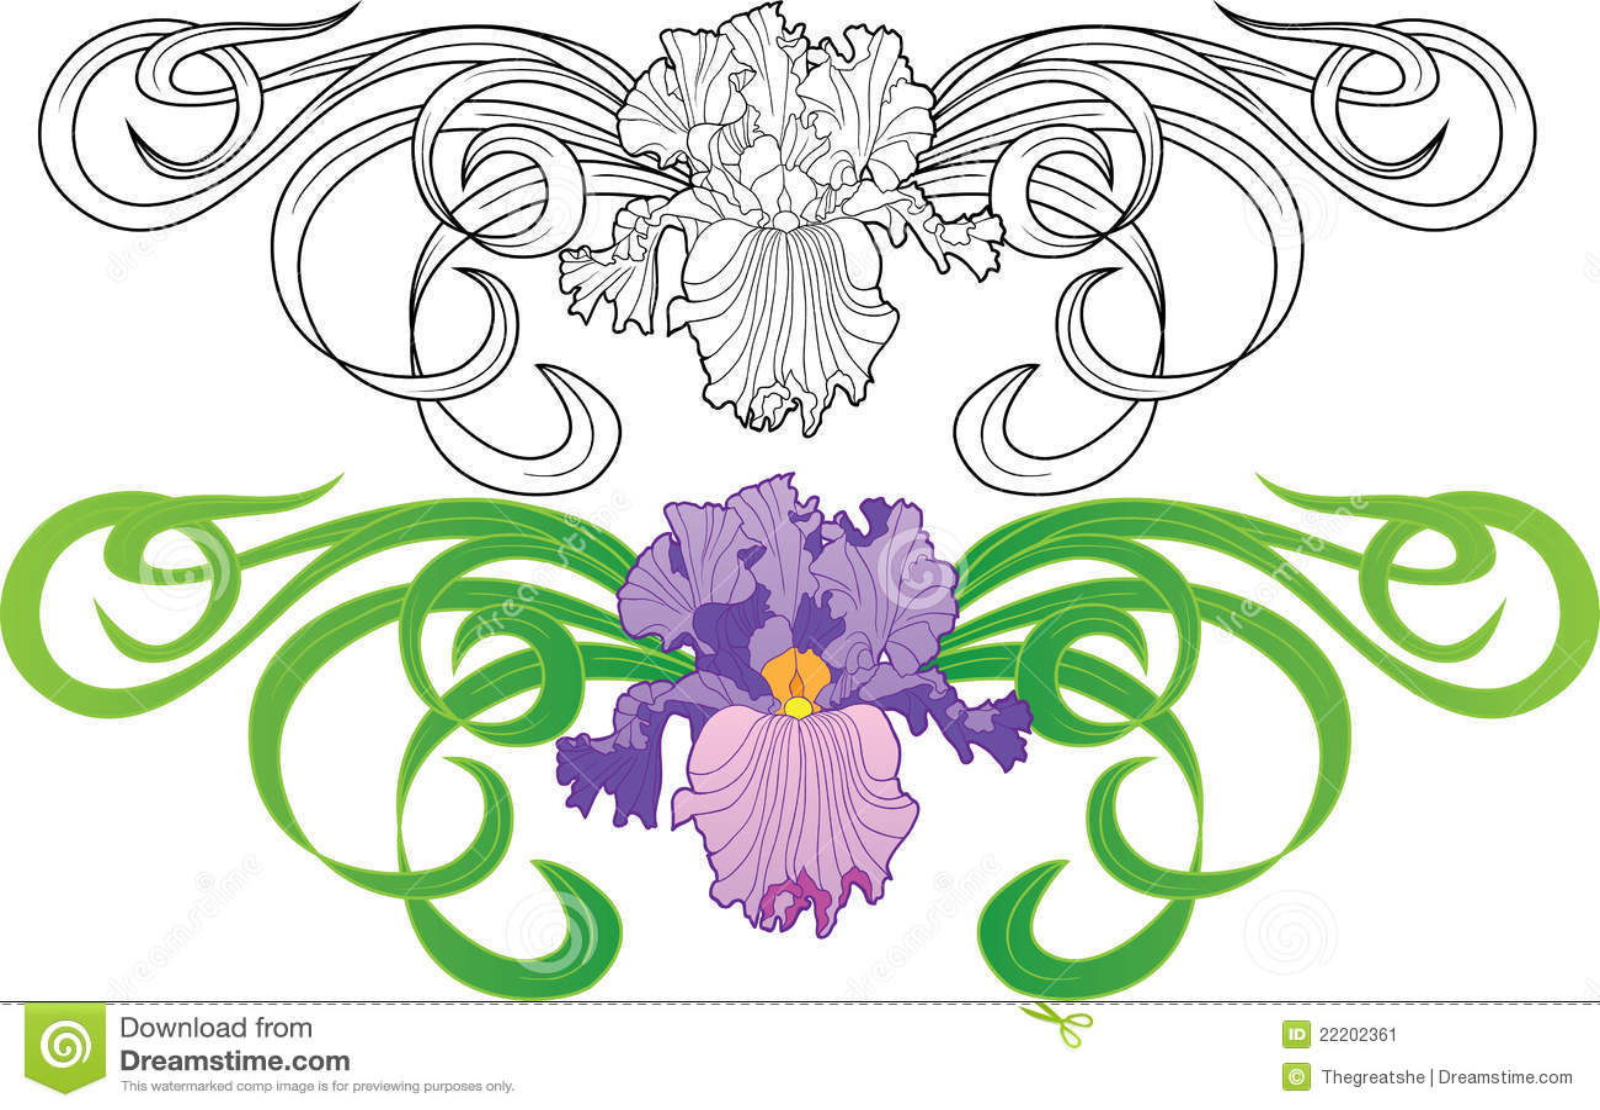 Iris flower vignette tattoo stock vector illustration of plant iris flower vignette tattoo izmirmasajfo